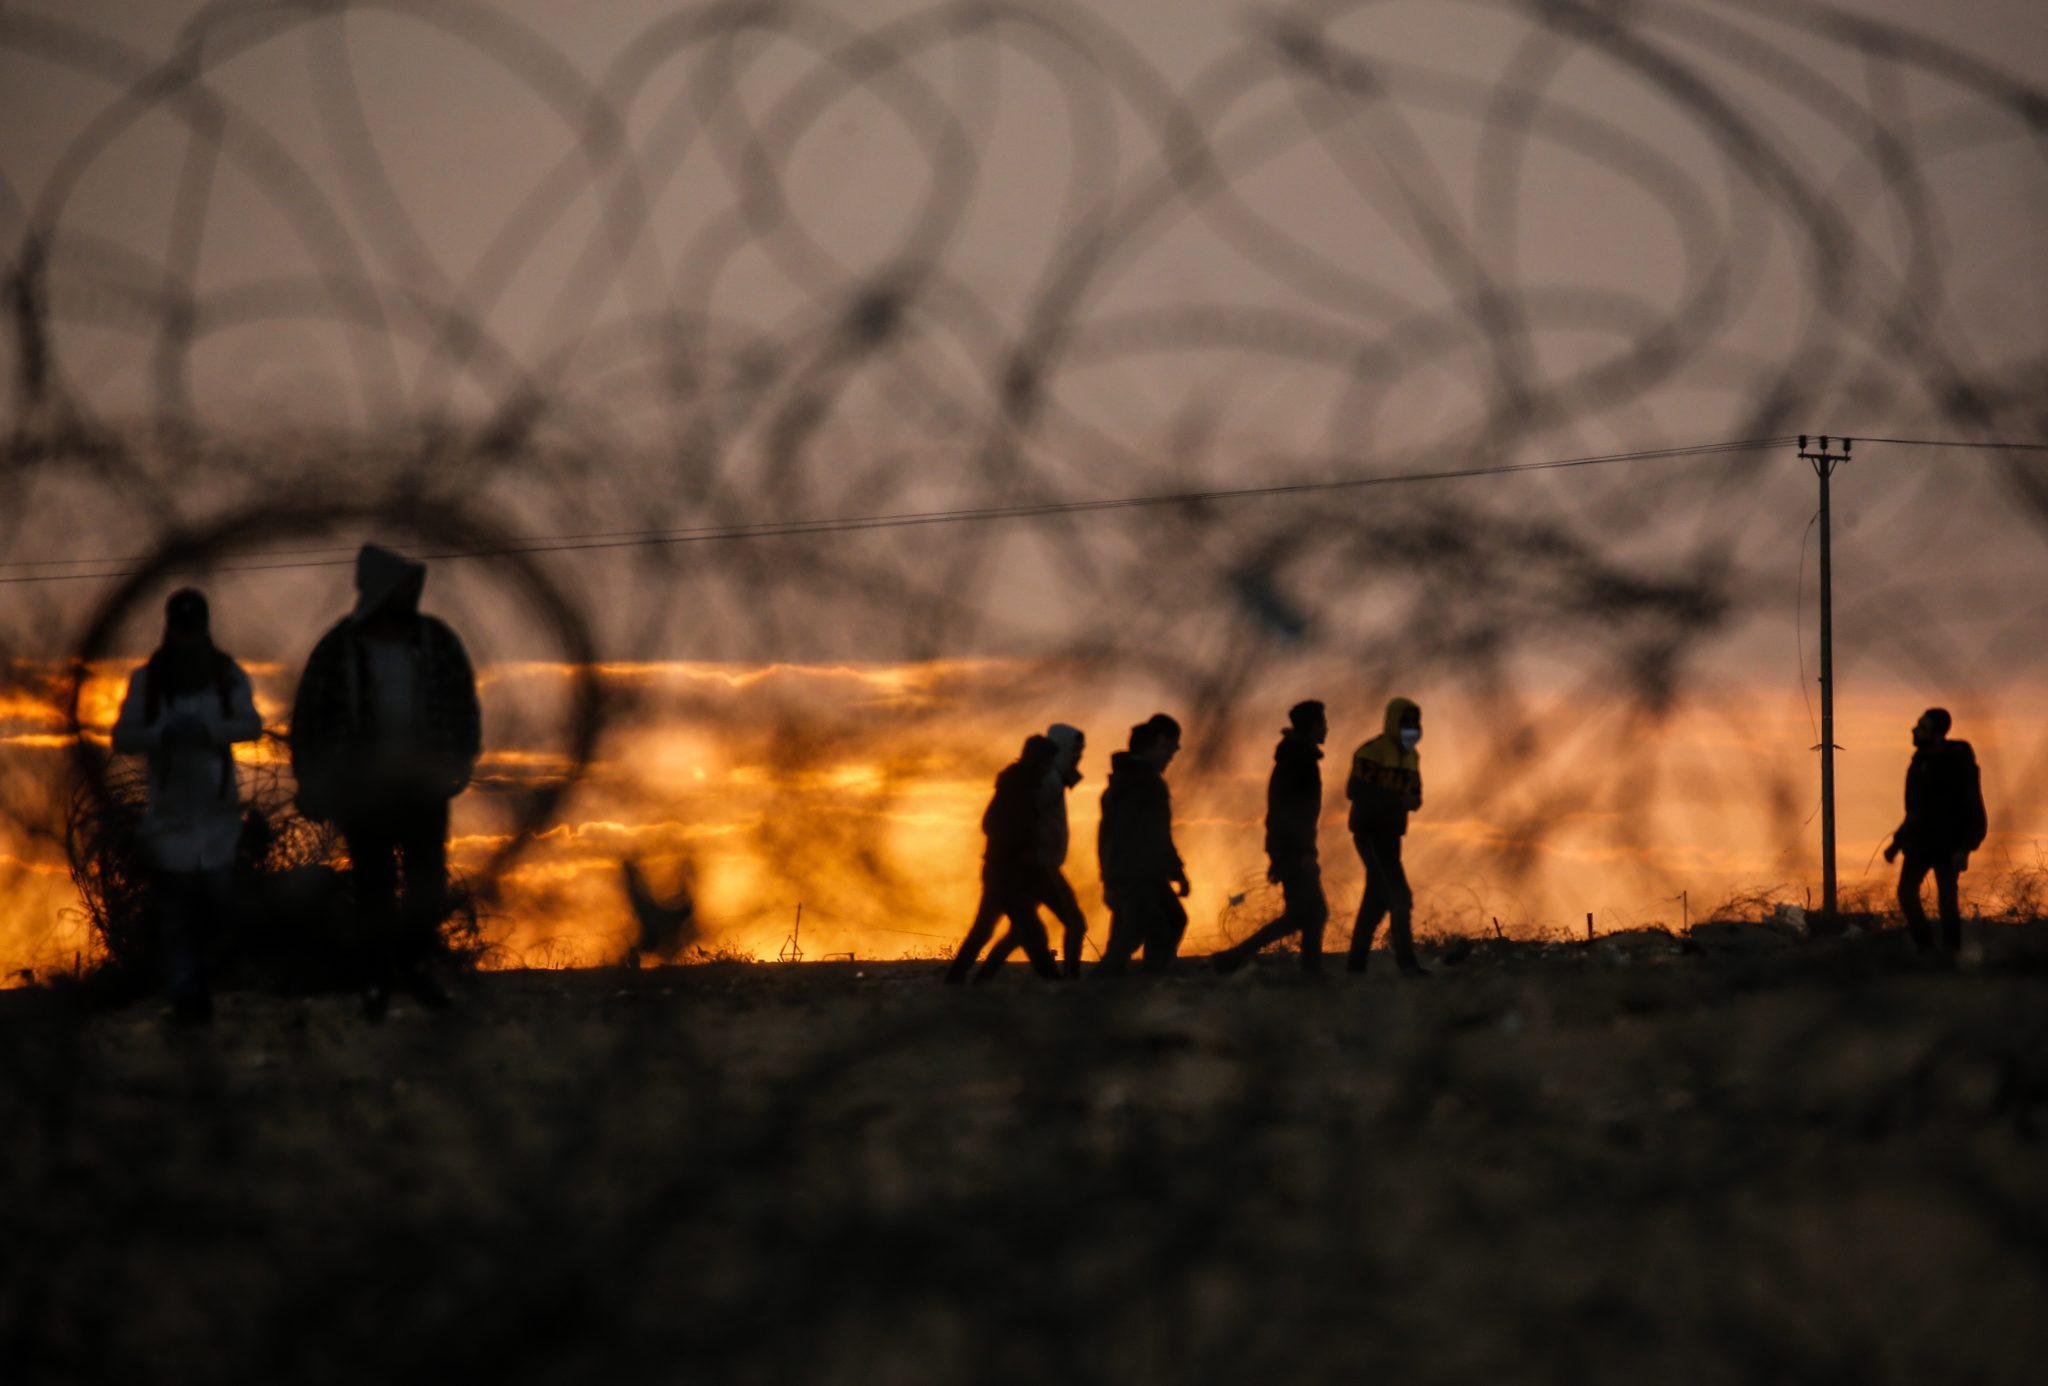 اعتقال مسلح حاول التسلل الى مناطق 48 من جنوب قطاع غزة